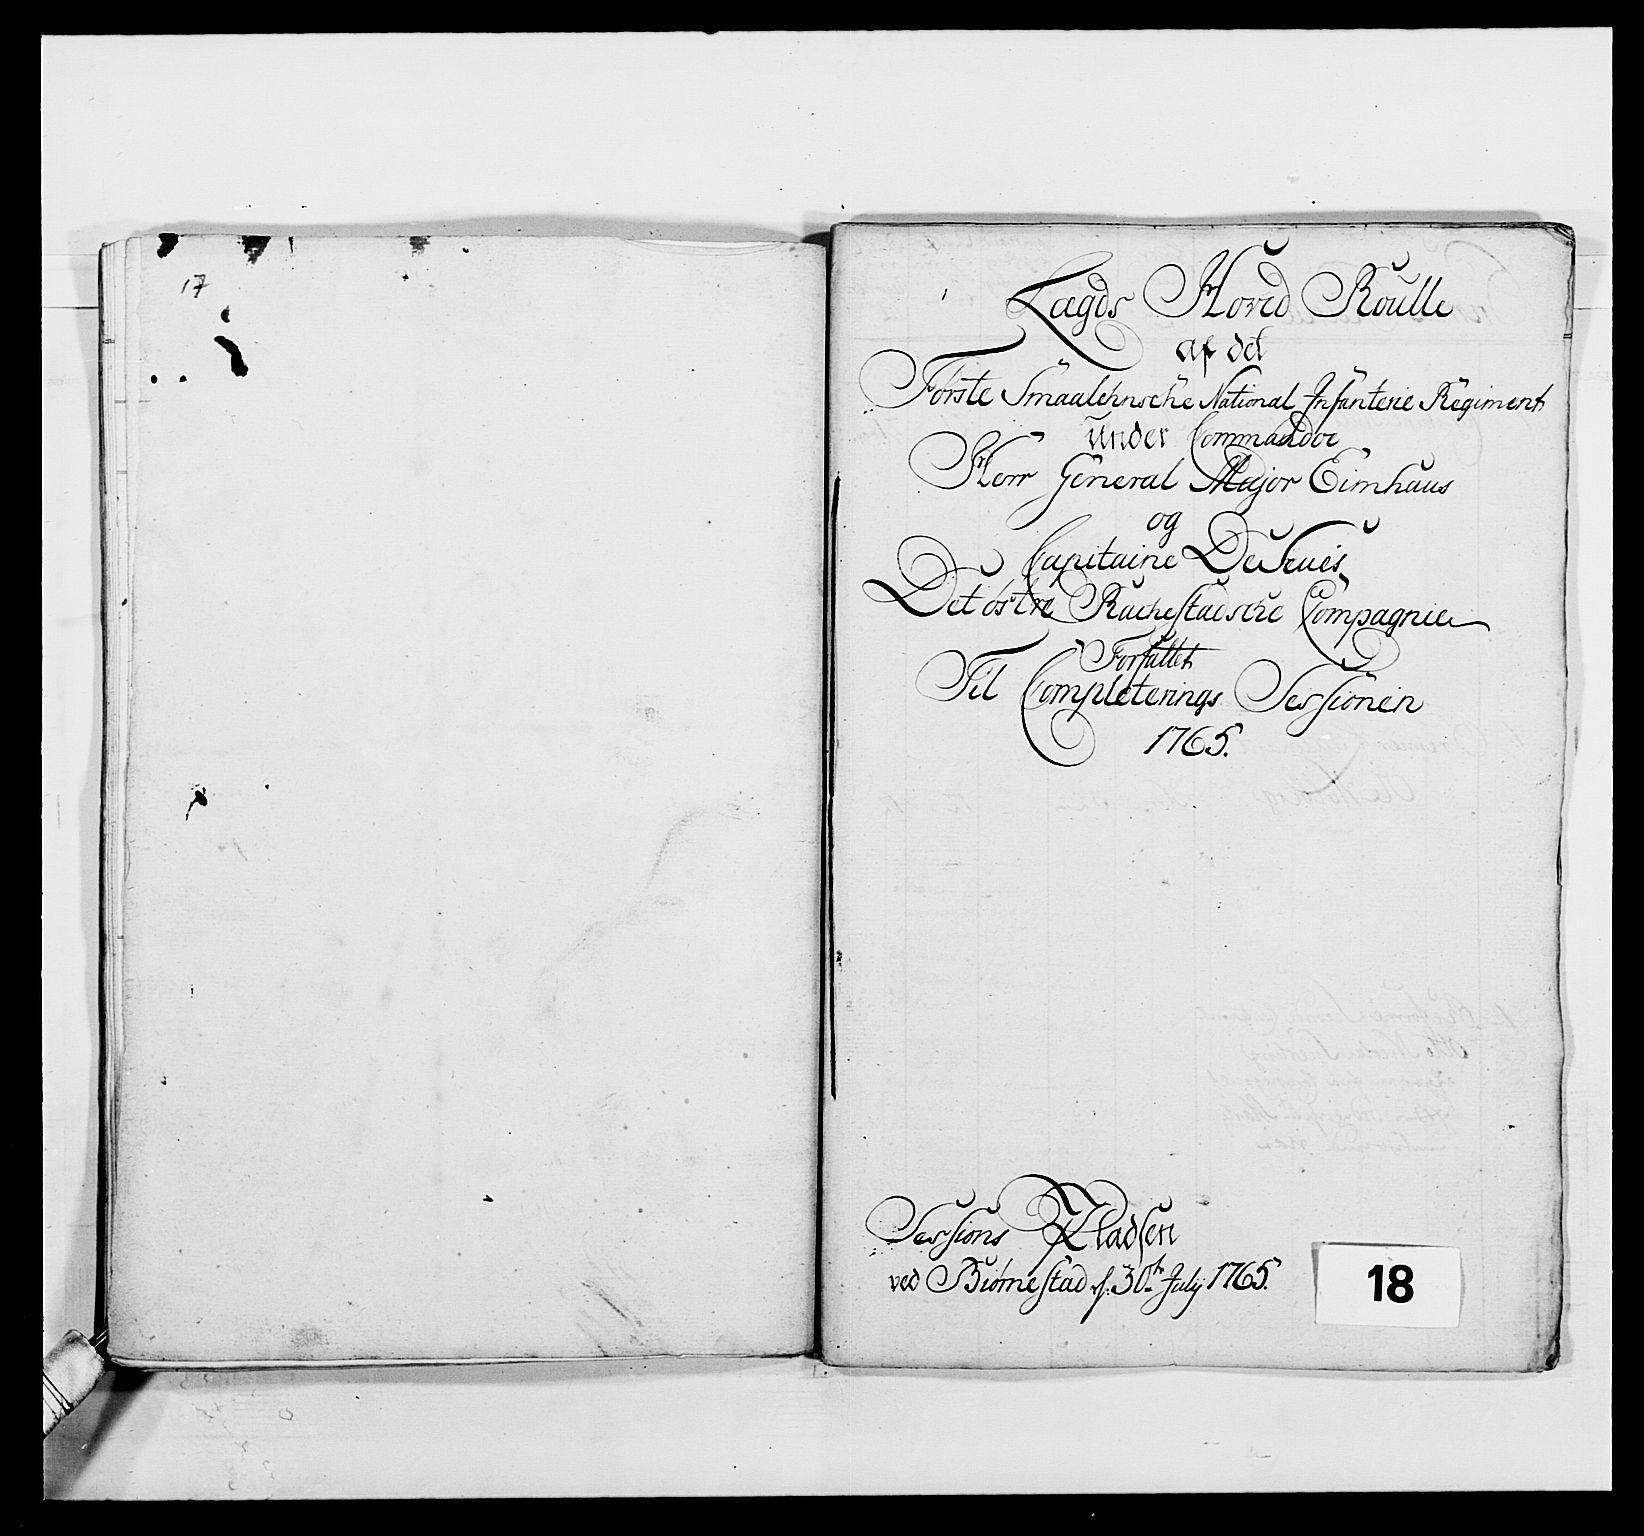 RA, Kommanderende general (KG I) med Det norske krigsdirektorium, E/Ea/L0496: 1. Smålenske regiment, 1765-1767, s. 262